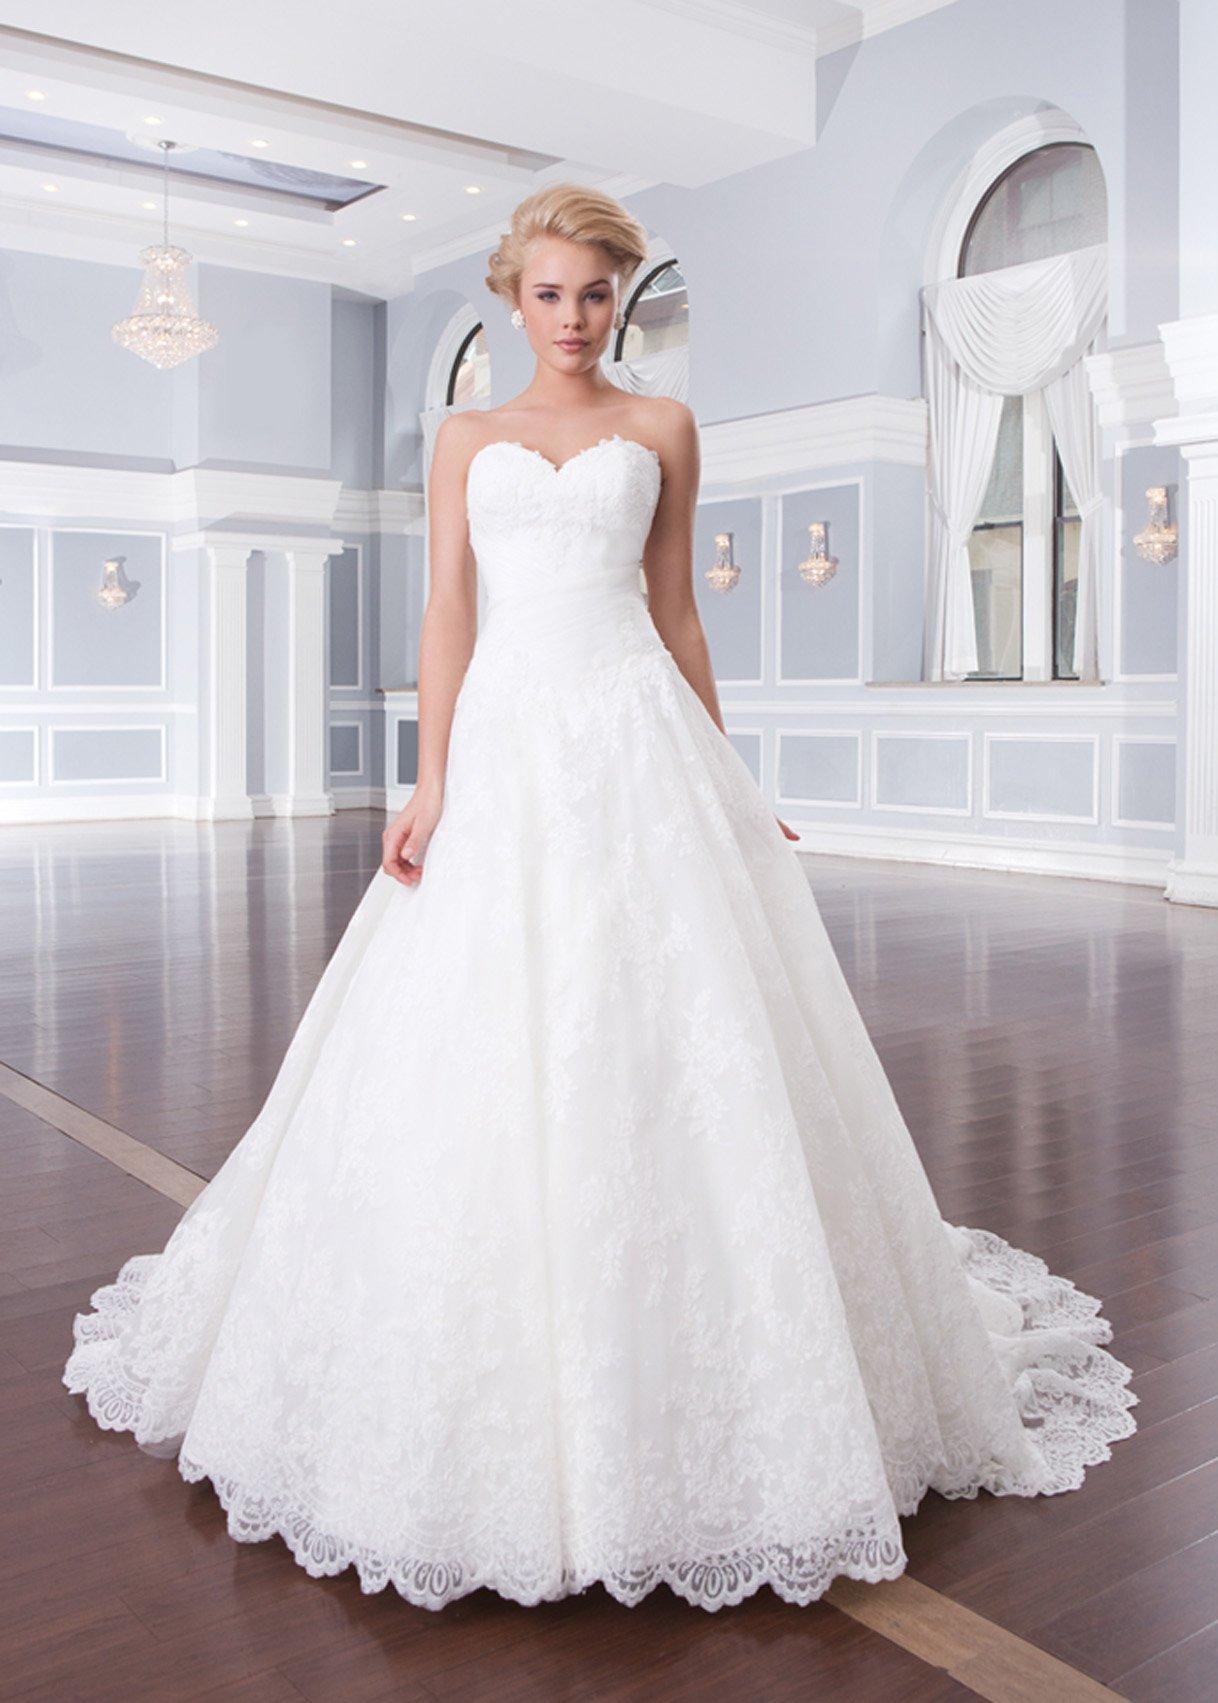 62adae12539 Некоторые дизайнеры предлагают кружевные свадебные платья